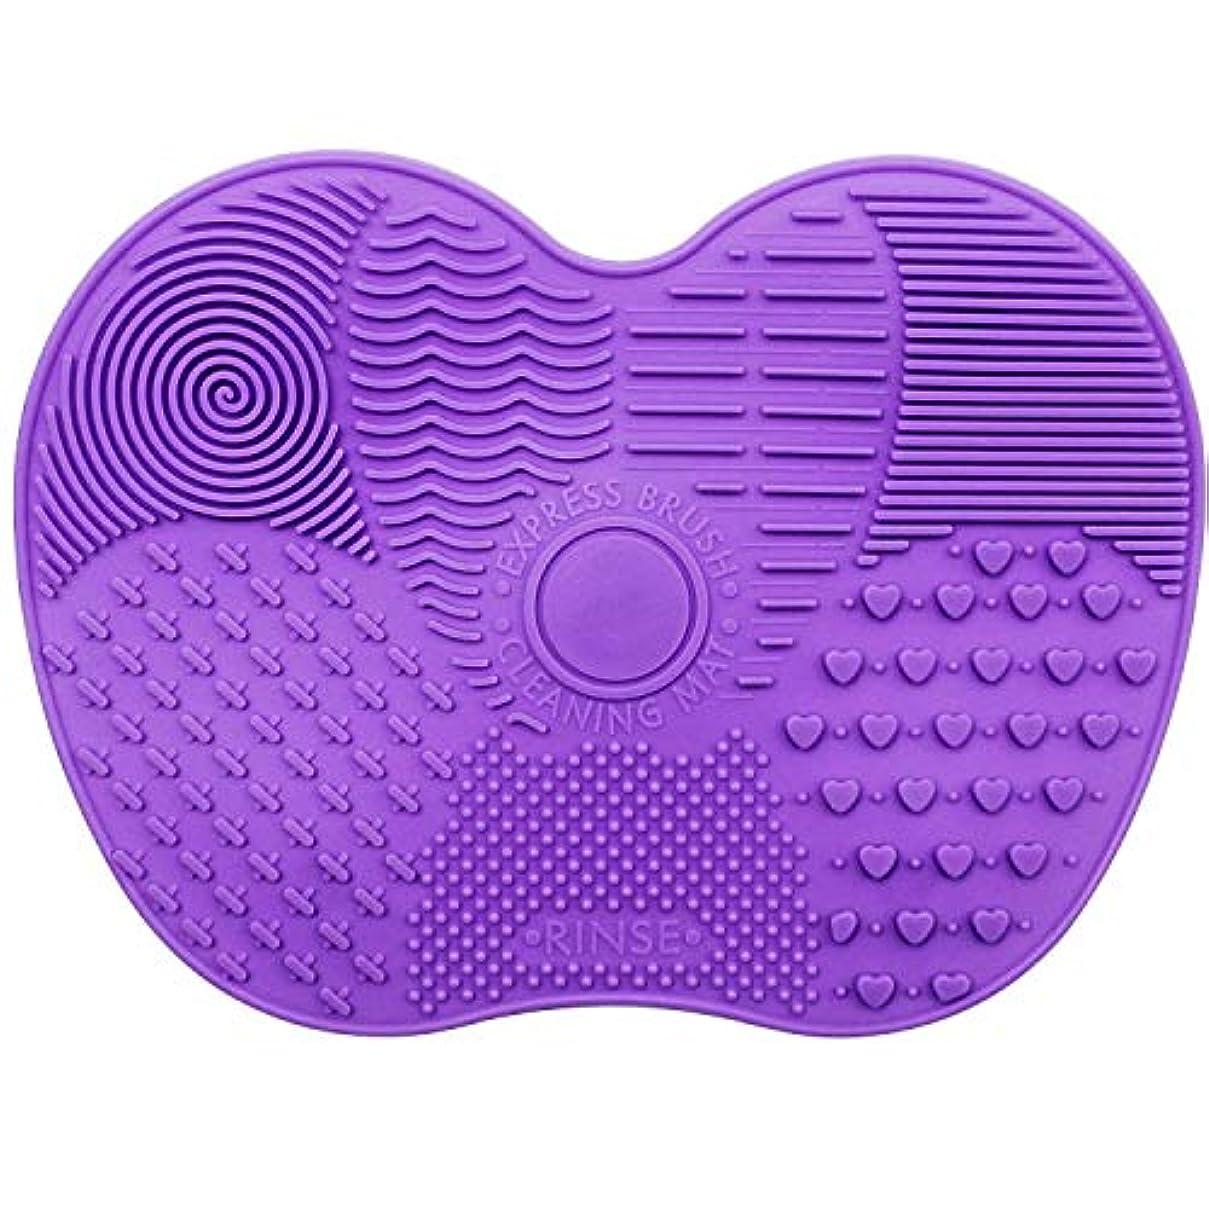 メロン件名倫理的Pichidr-JPメイクブラシ クリーナー シリコンマット化粧 洗浄 化粧筆 筆洗い(パープル)